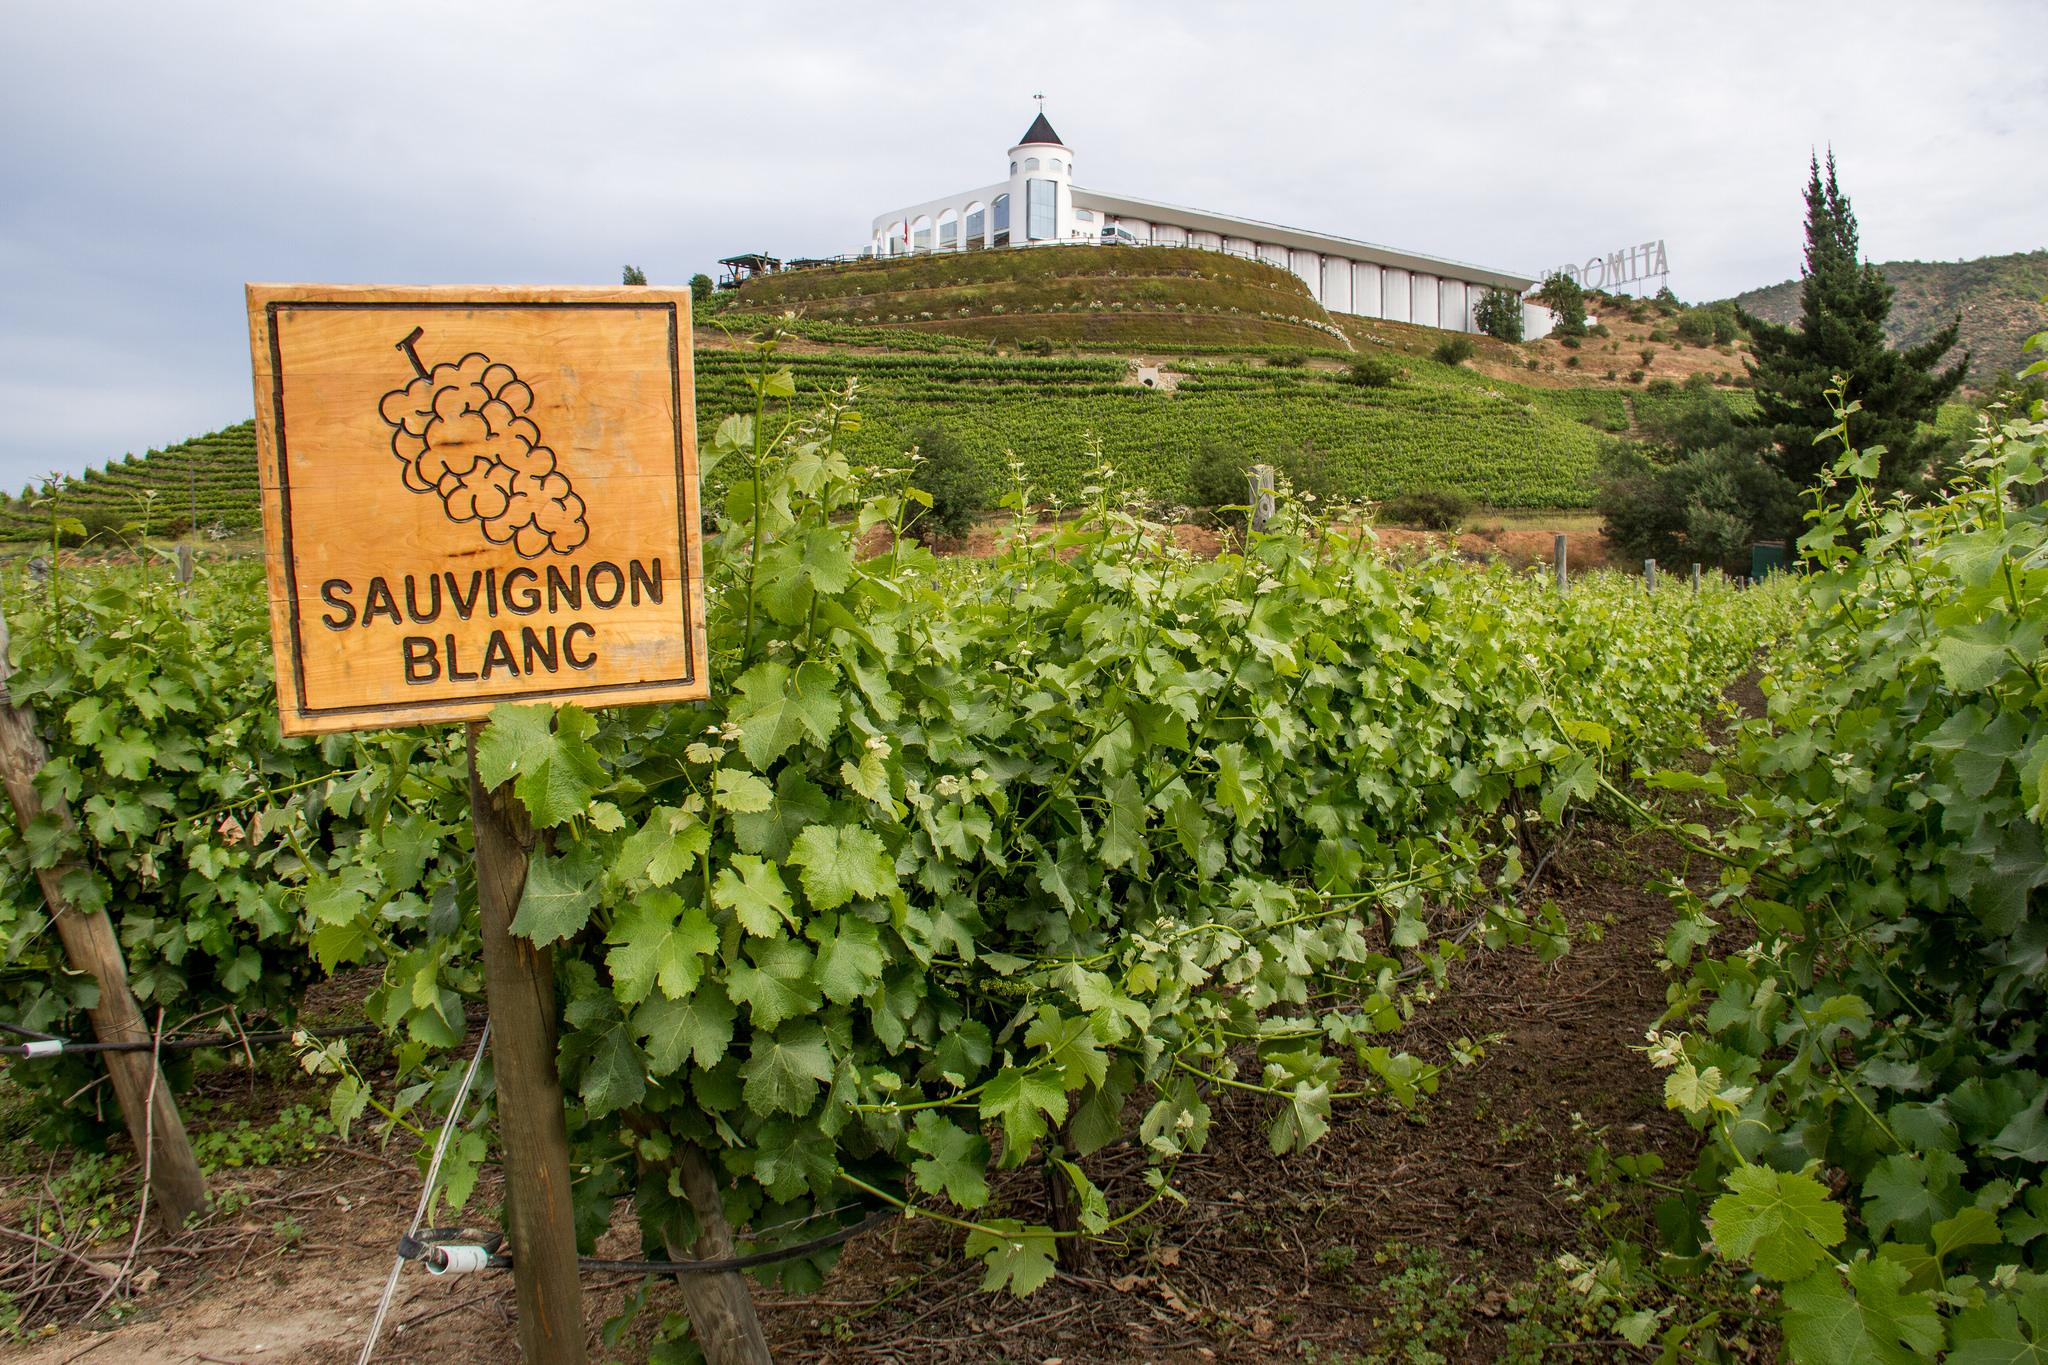 Sauvignon-Blanc-Vineyards-Chile-CocombreLibre